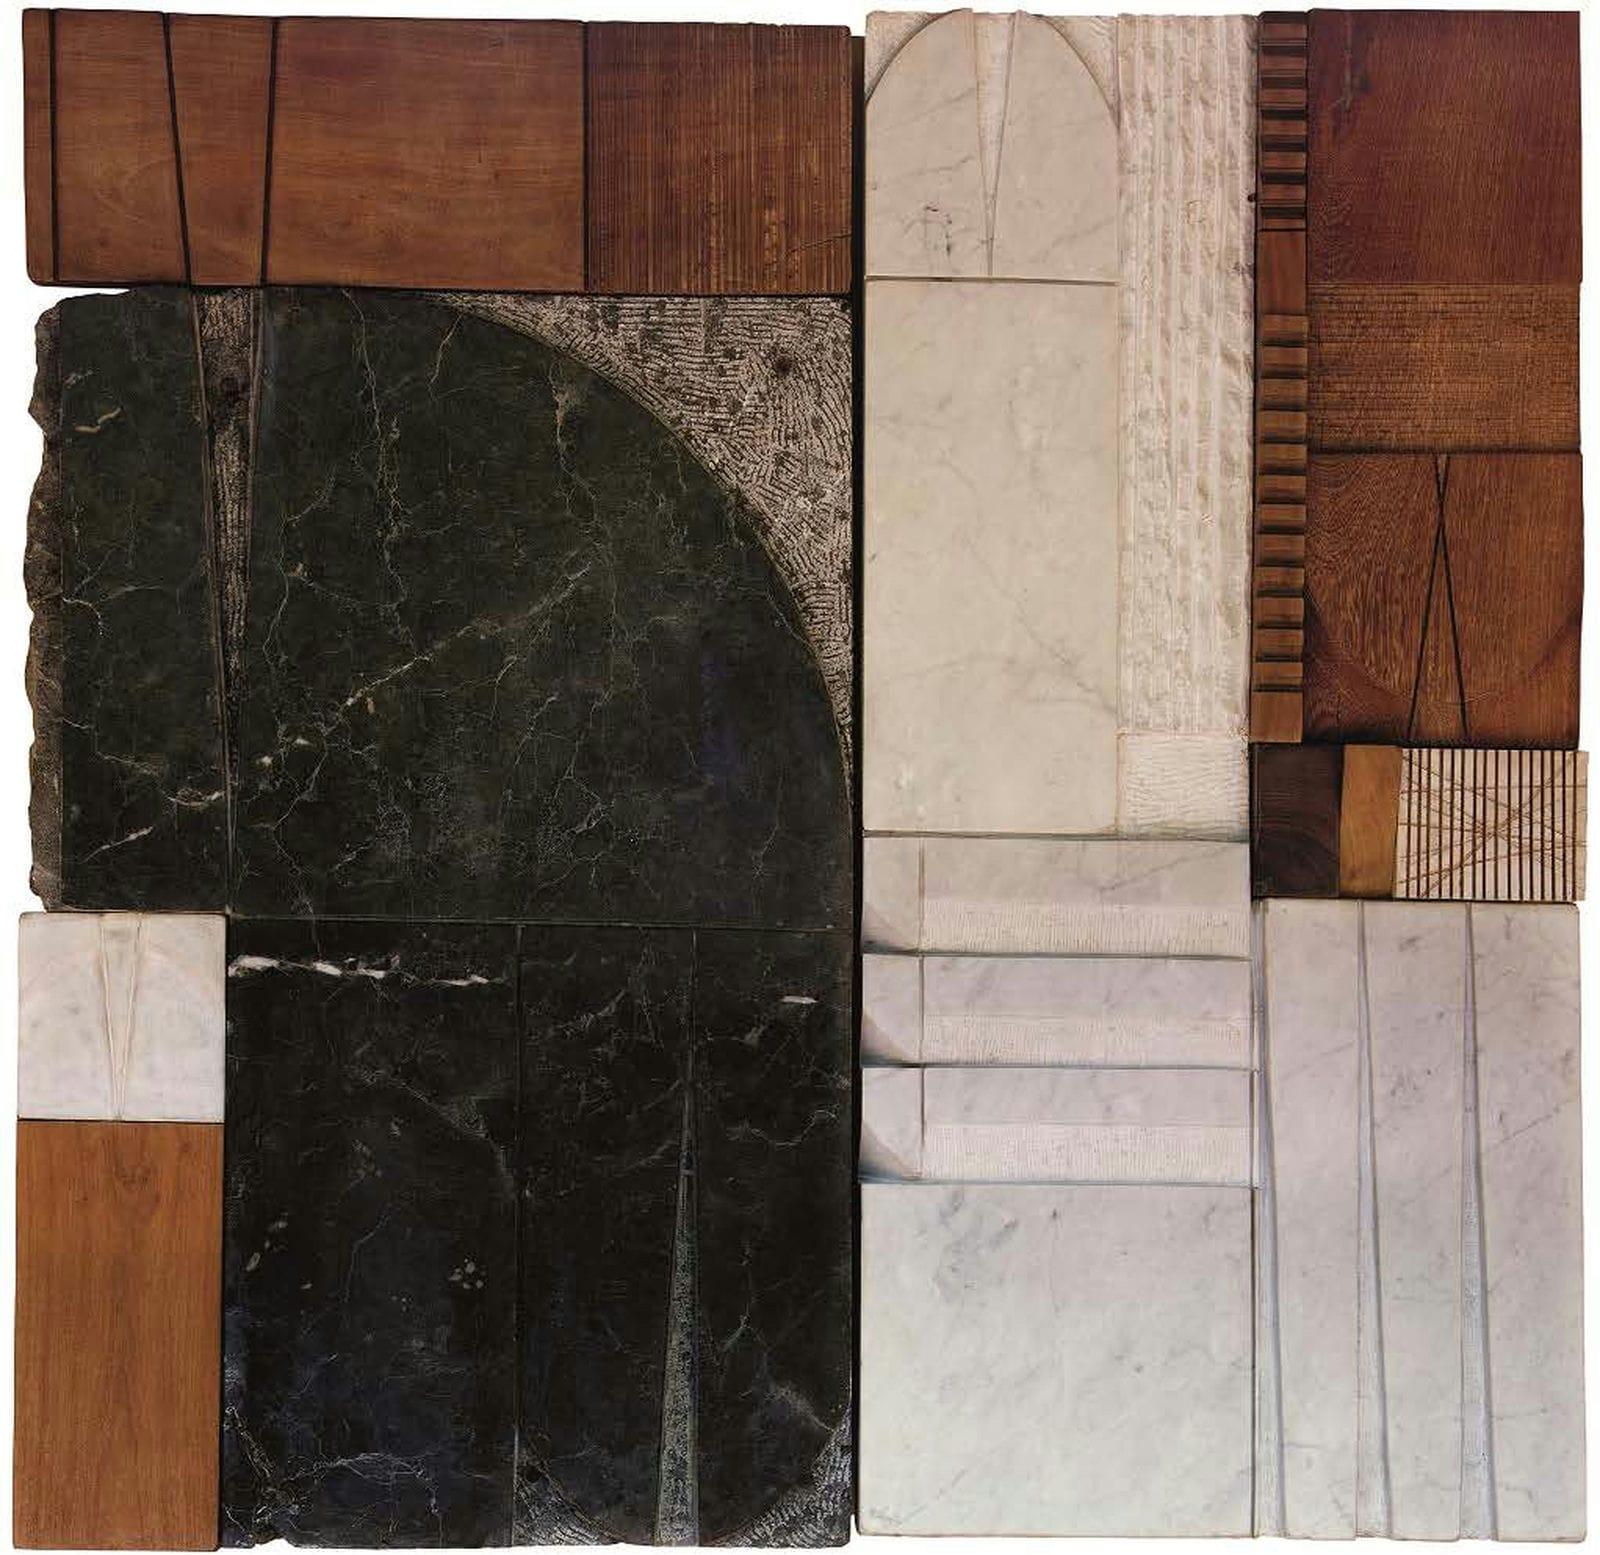 De la serie Tu y yo escriTuras sin Tiempo. 2007. Talla mármol. 144 x 146 x 10 cm. 56.7 x 57.4 x 3.9 in. RmmA 020